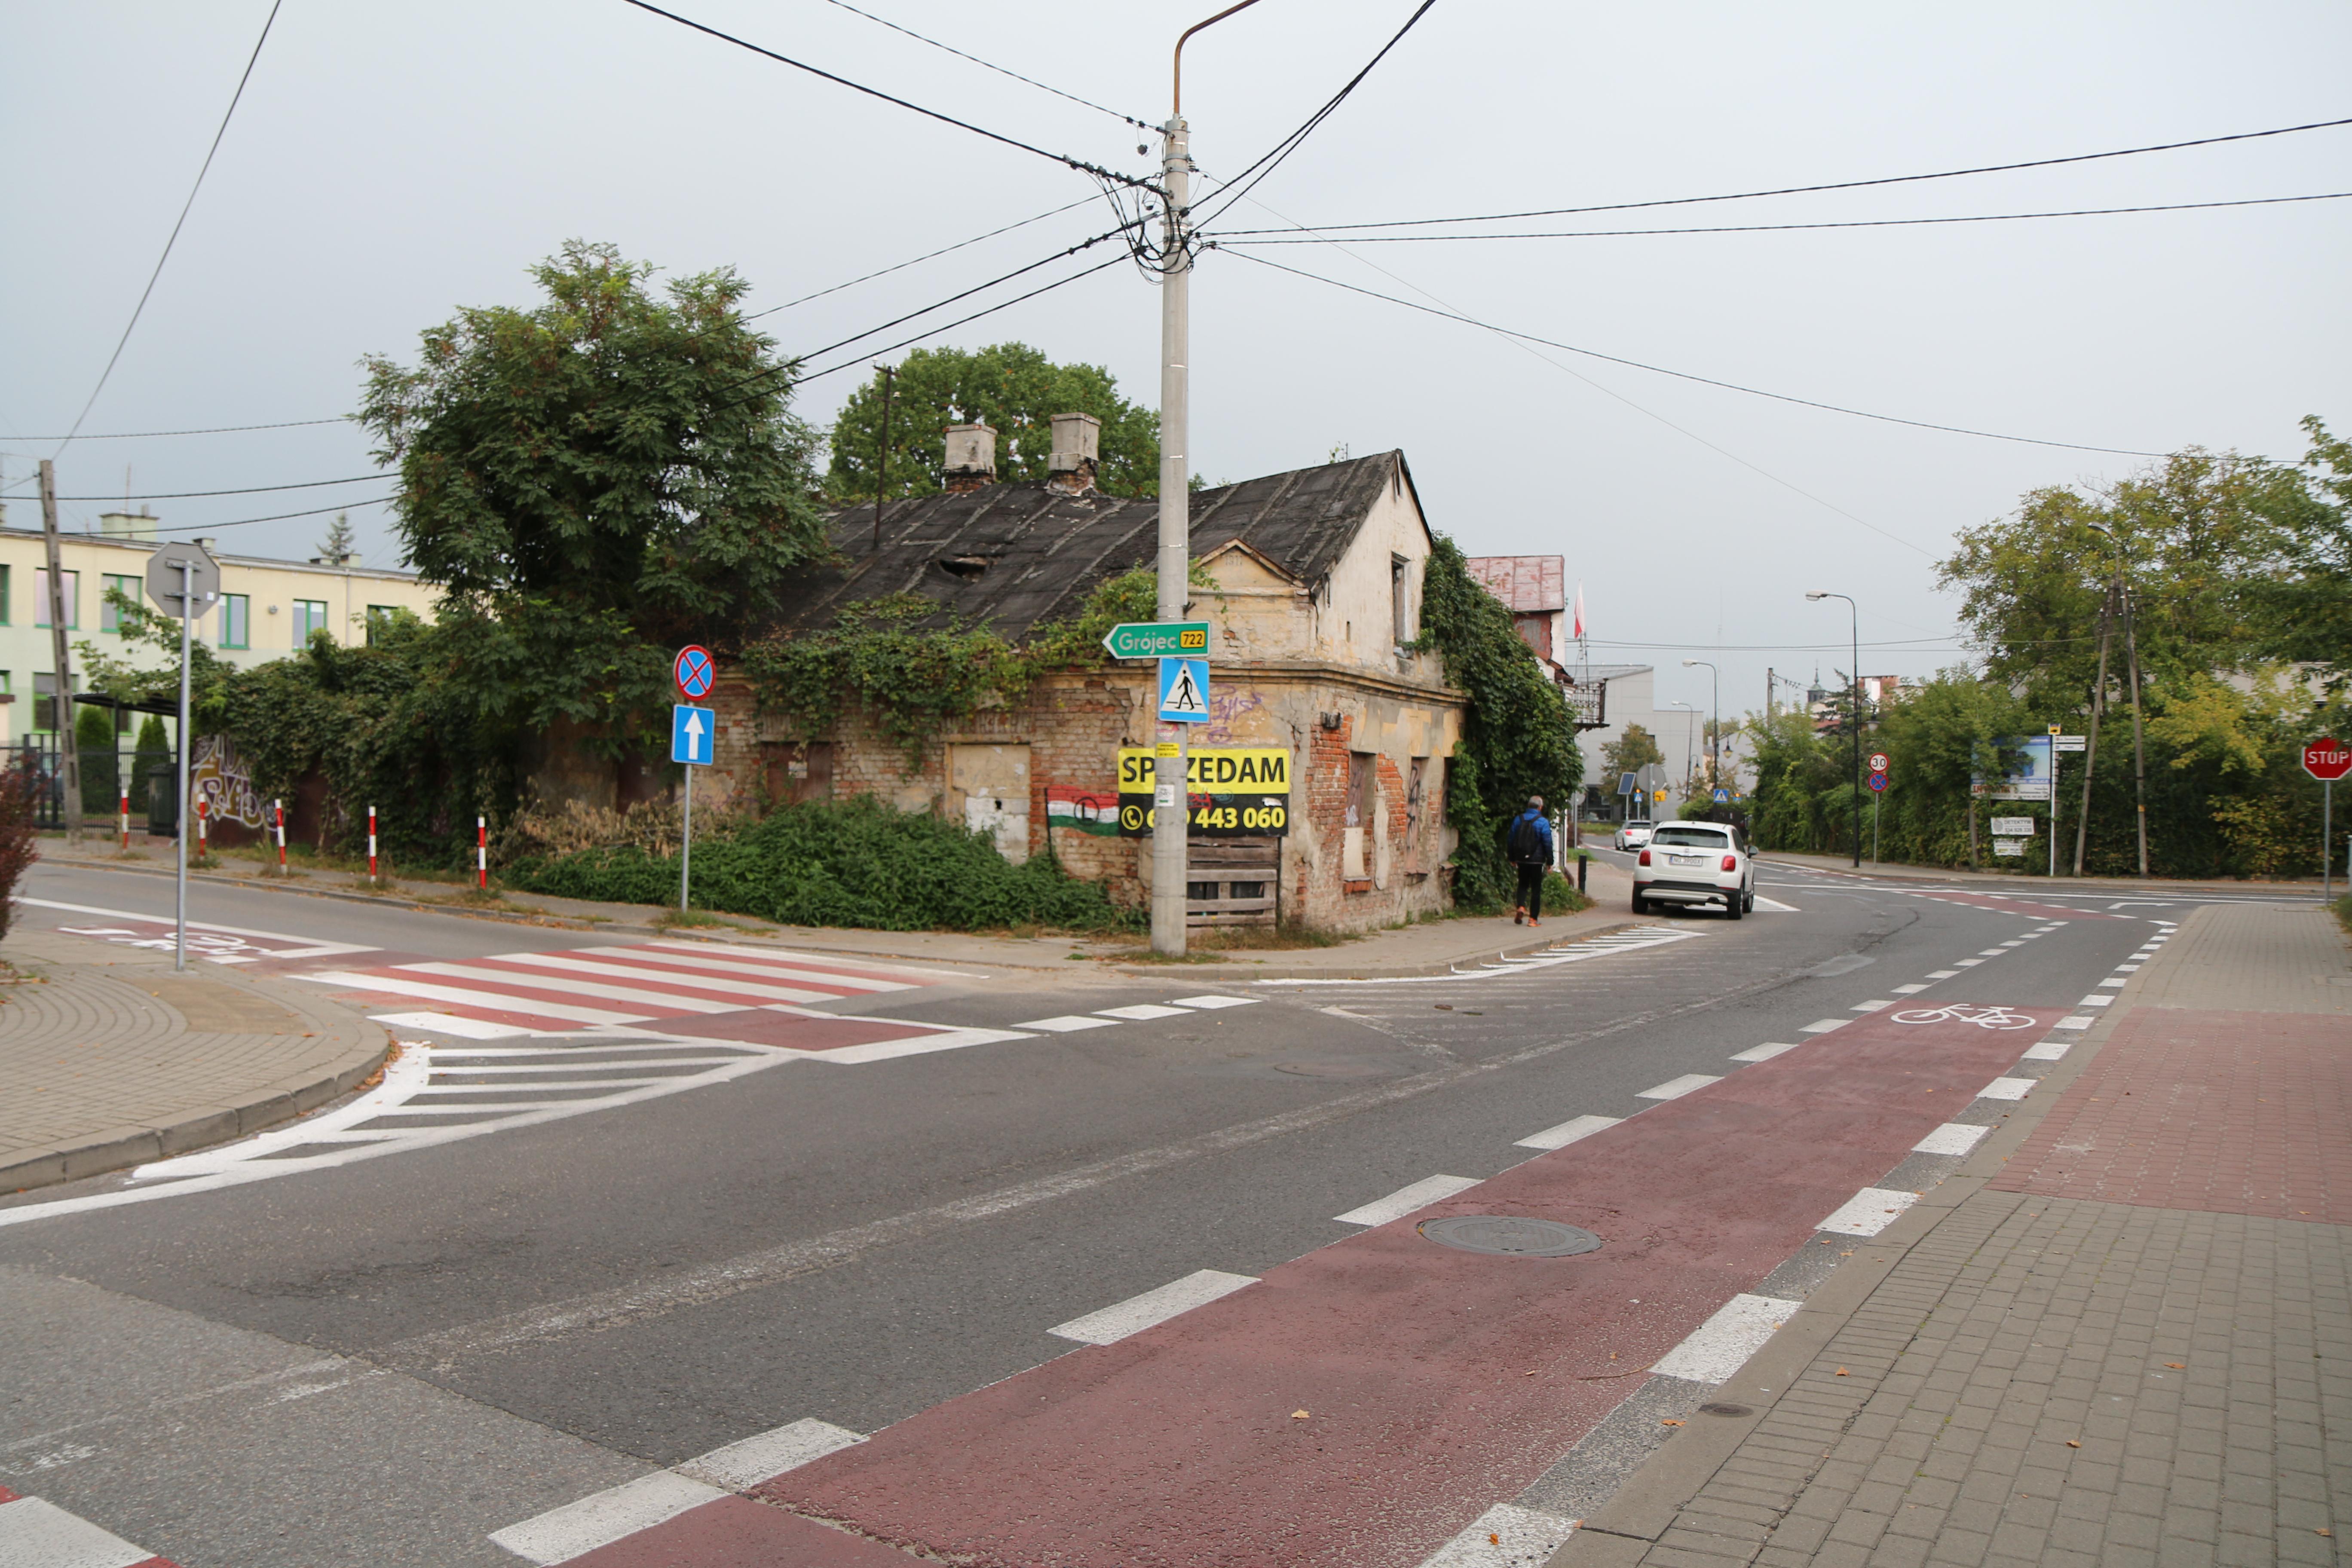 Nowa infrastruktura dla rowerzystów. Na zdjęciu skrzyżowanie ulic Kilińskiego i Żabiej z wymalowanym pasem rowerowym.